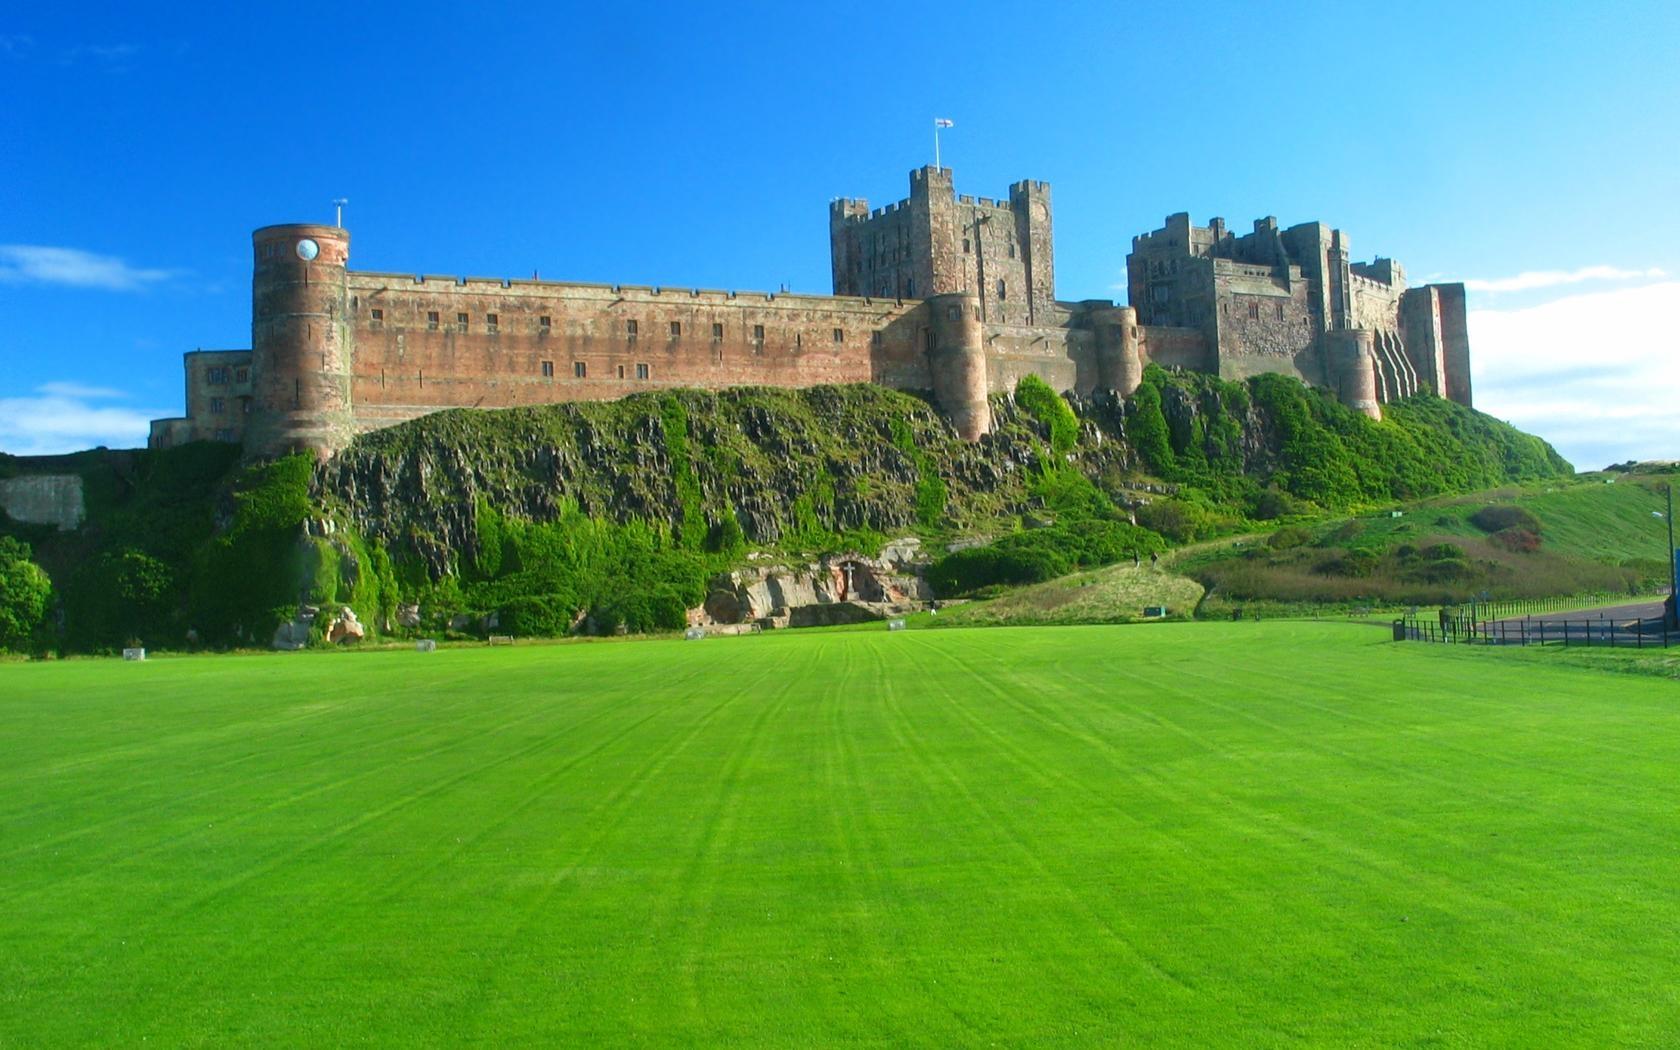 免費壁紙35849:景观, 建筑, 城堡 下載手機圖片